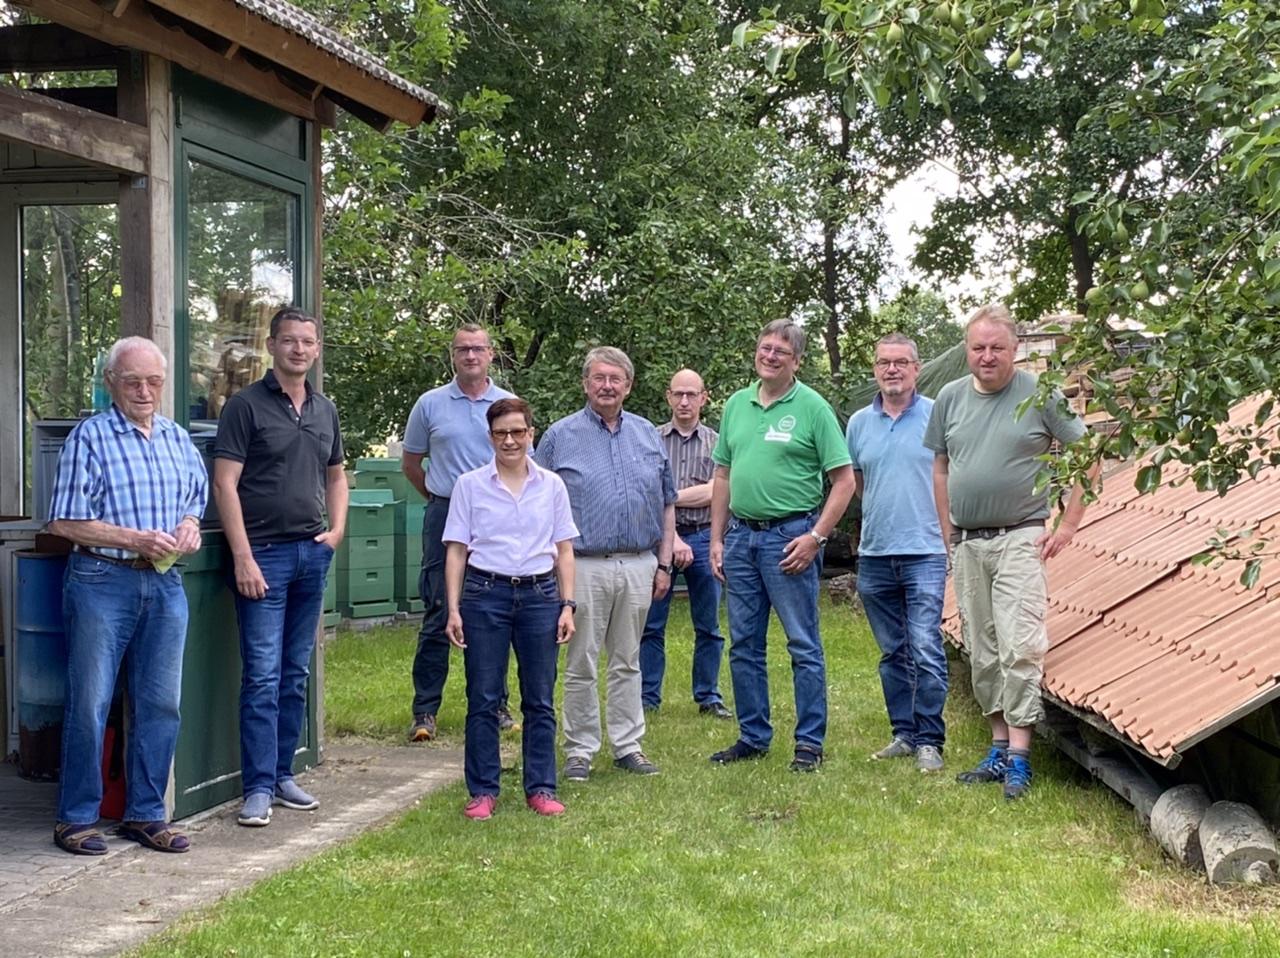 Gruppenbild mit SPD Imkern